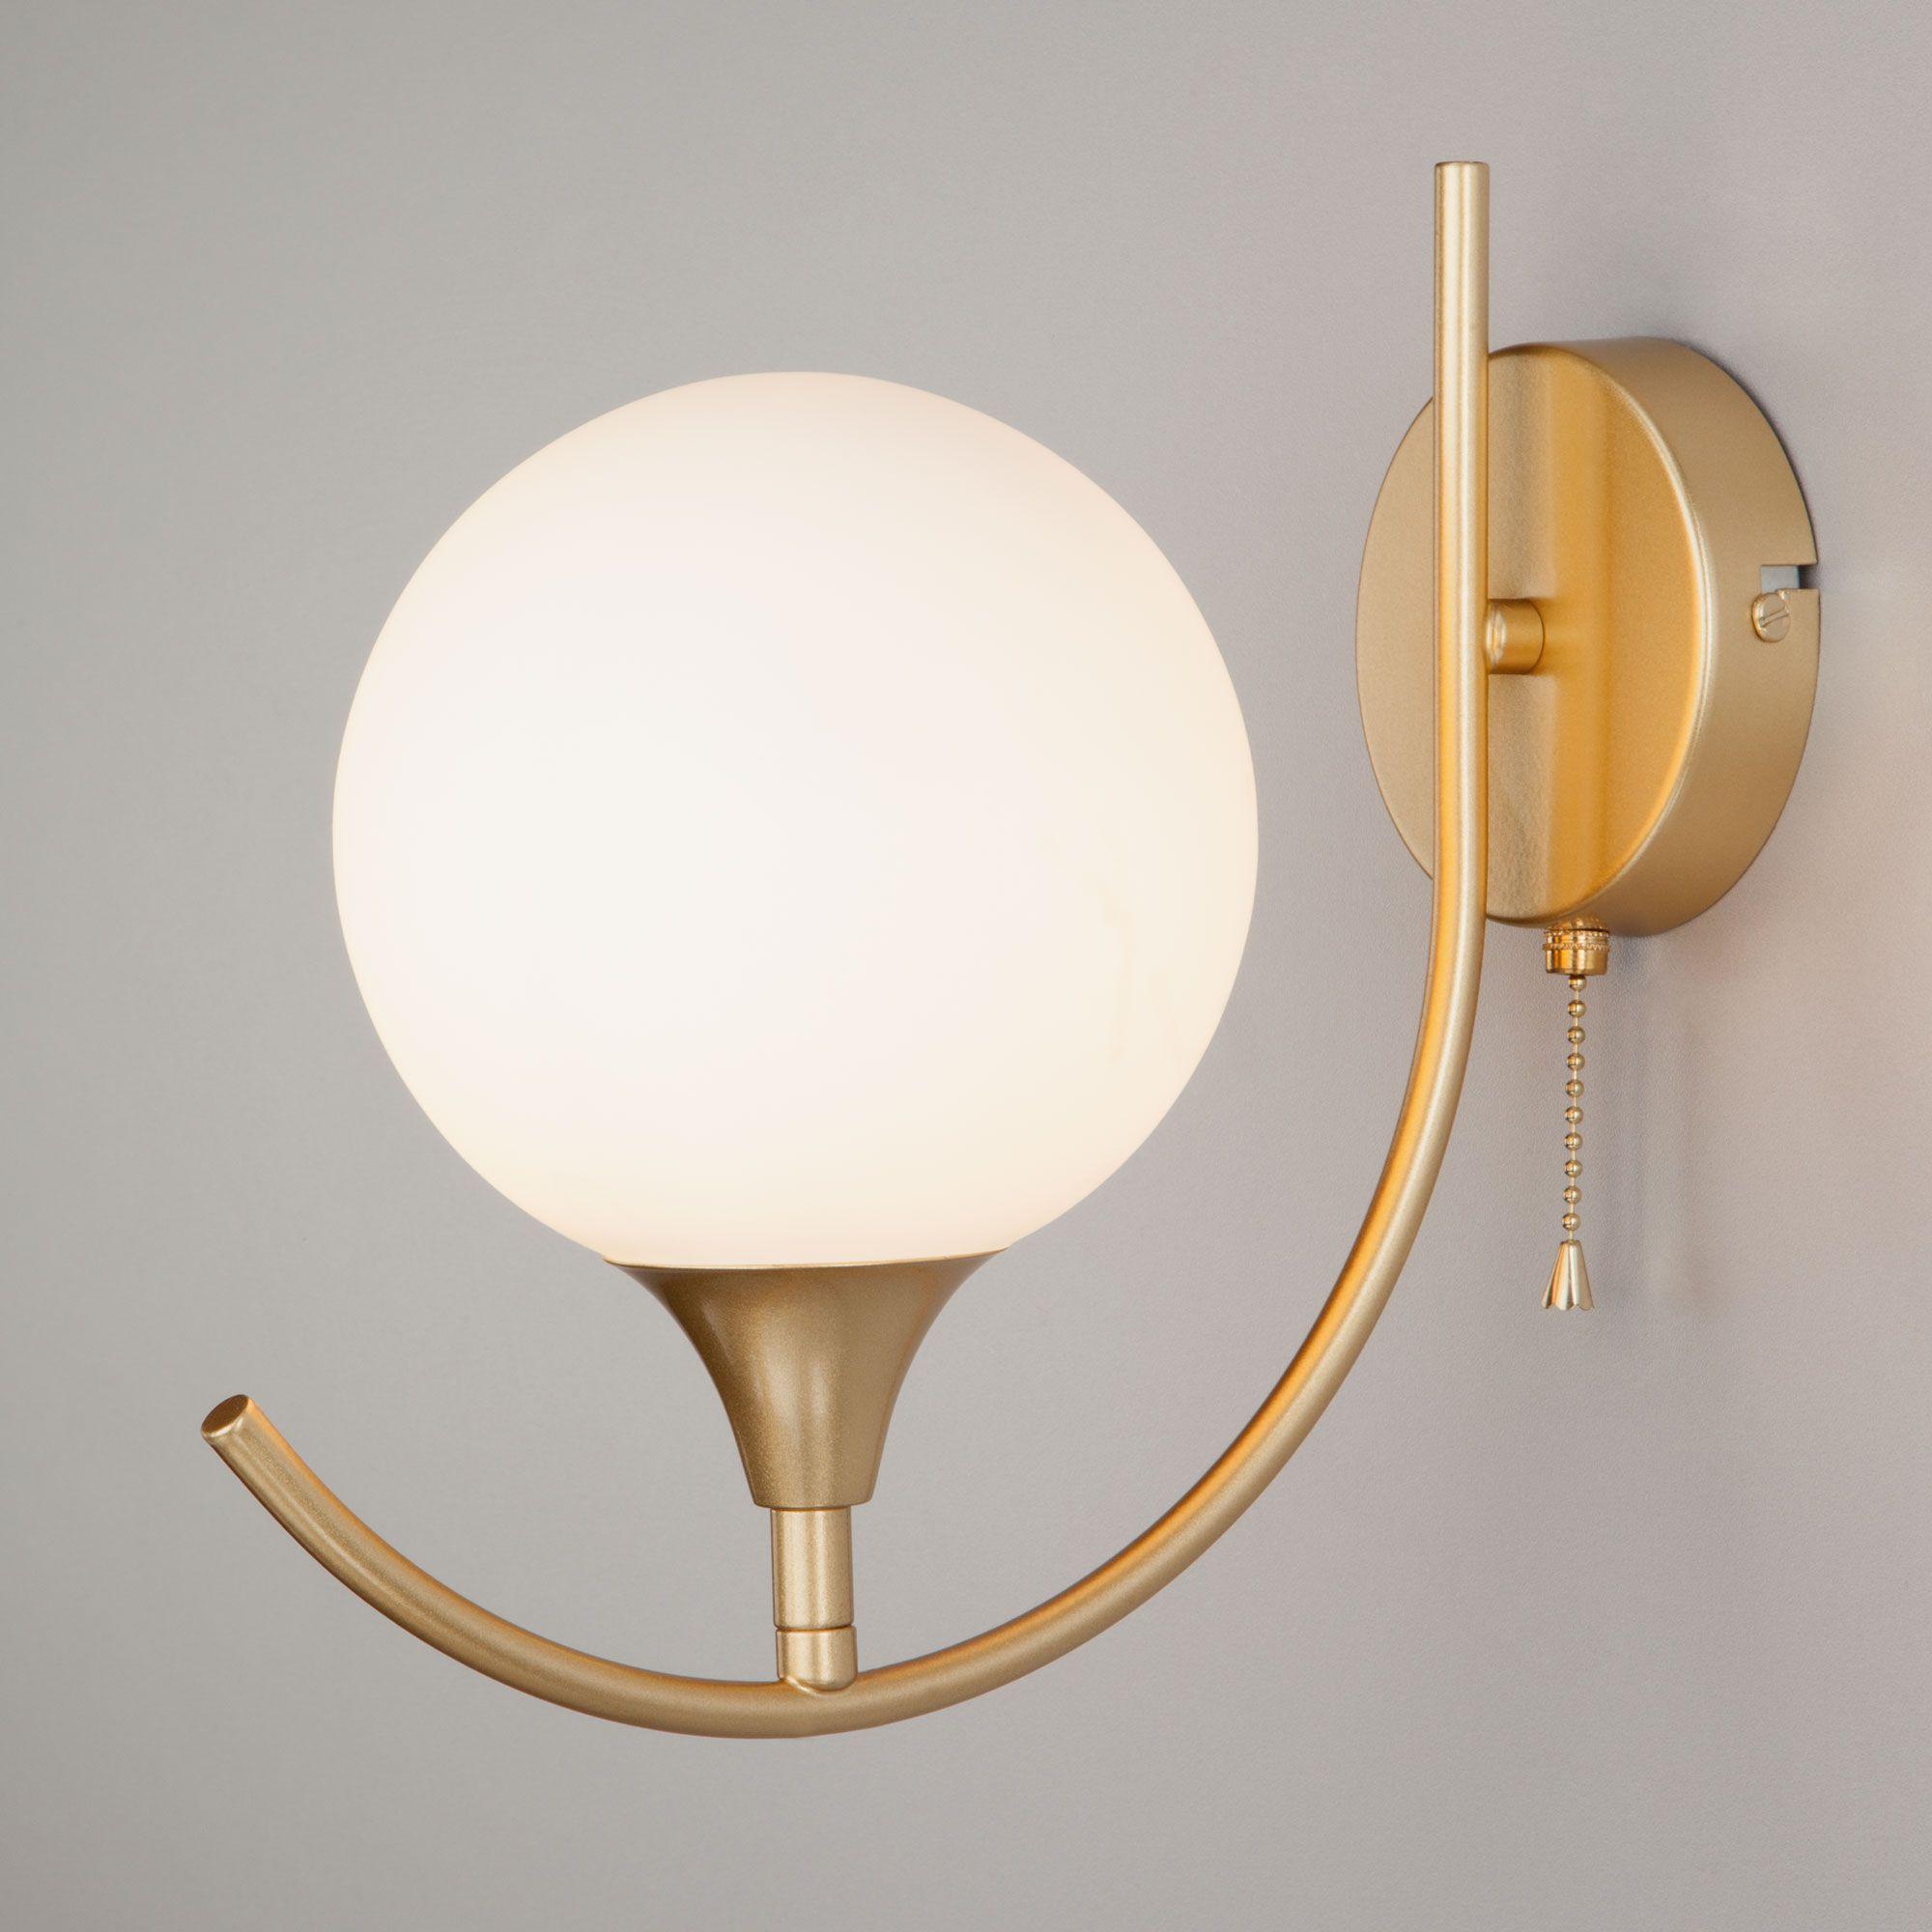 Настенный светильник с плафоном 70101/1 золото